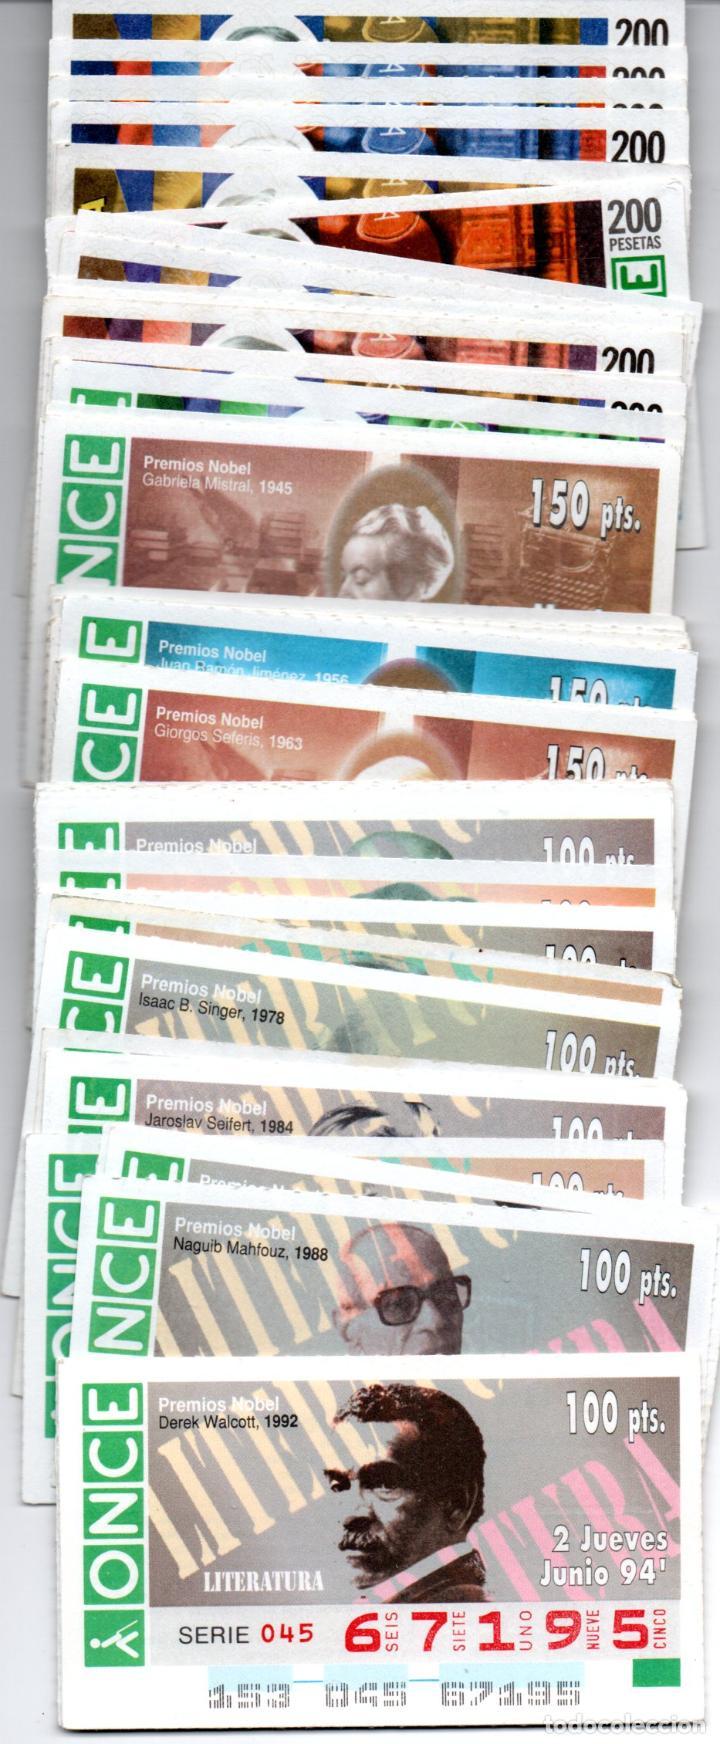 68 CUPONES DE LA ONCE DE PREMIOS NOBEL DE LITERATURA - AÑOS 1994, 1995, 1996, 1997 Y 1998 - (Coleccionismo - Lotería - Cupones ONCE)